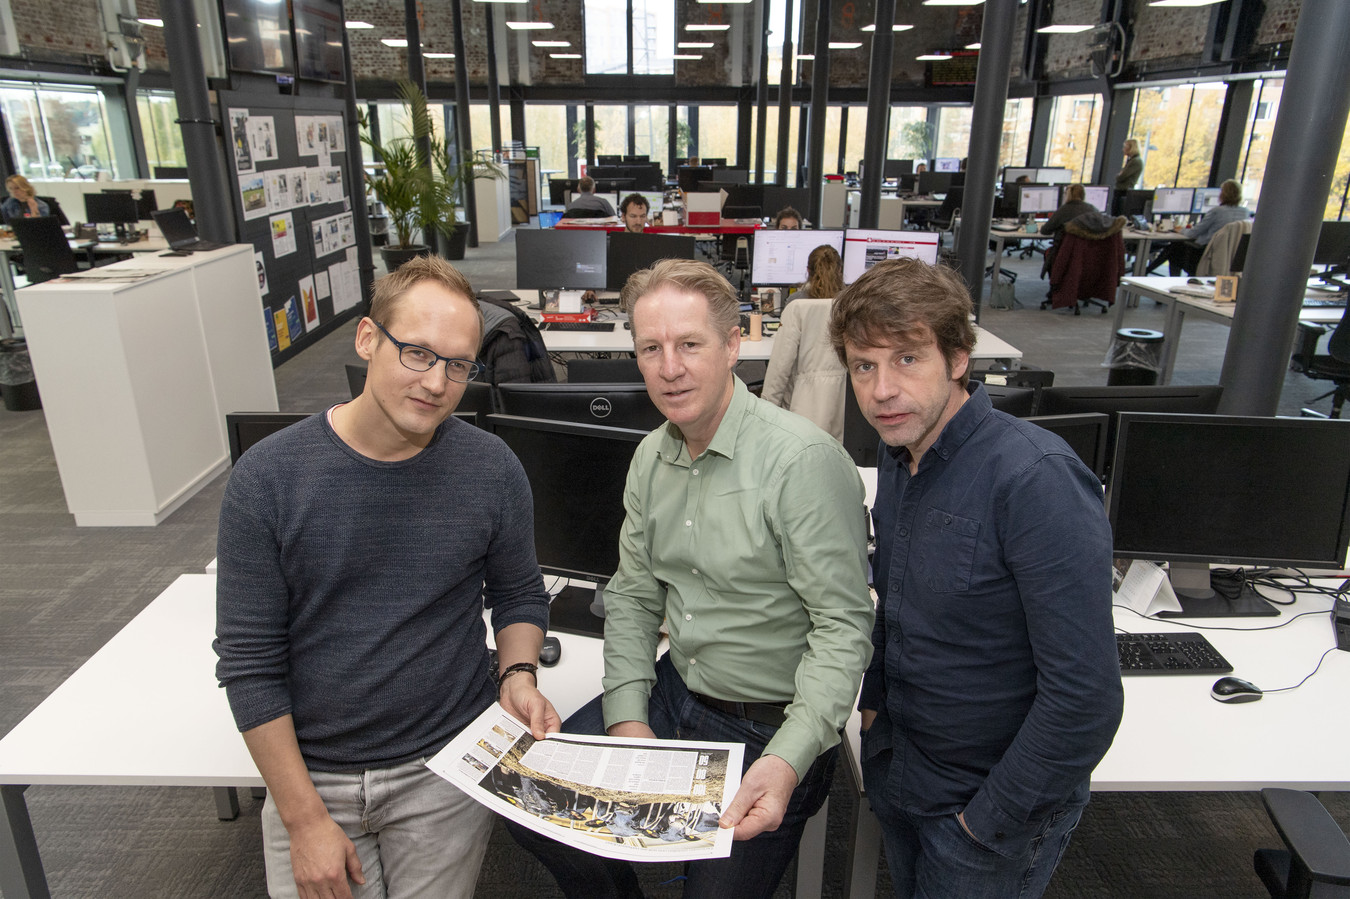 De drie onderzoeksjournalisten